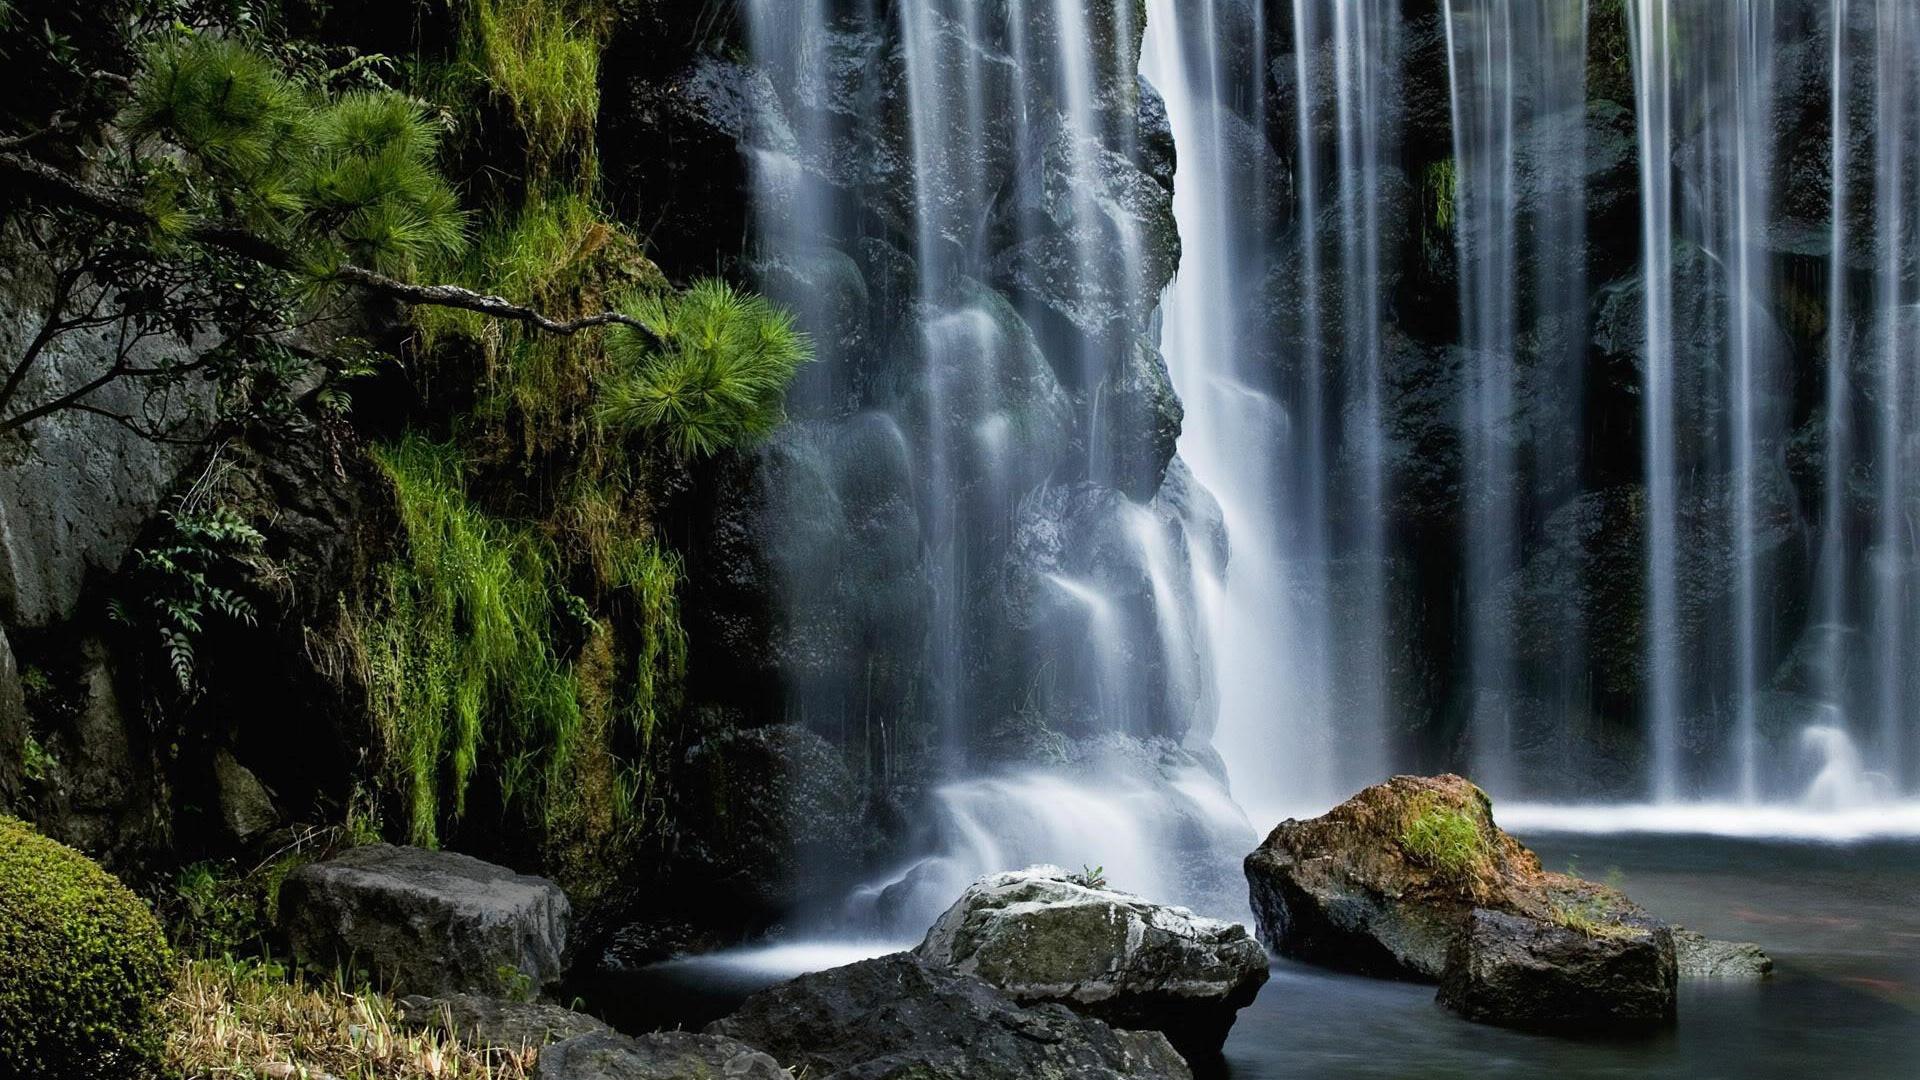 Waterfall Hd Wallpaper 1920x1080 81004